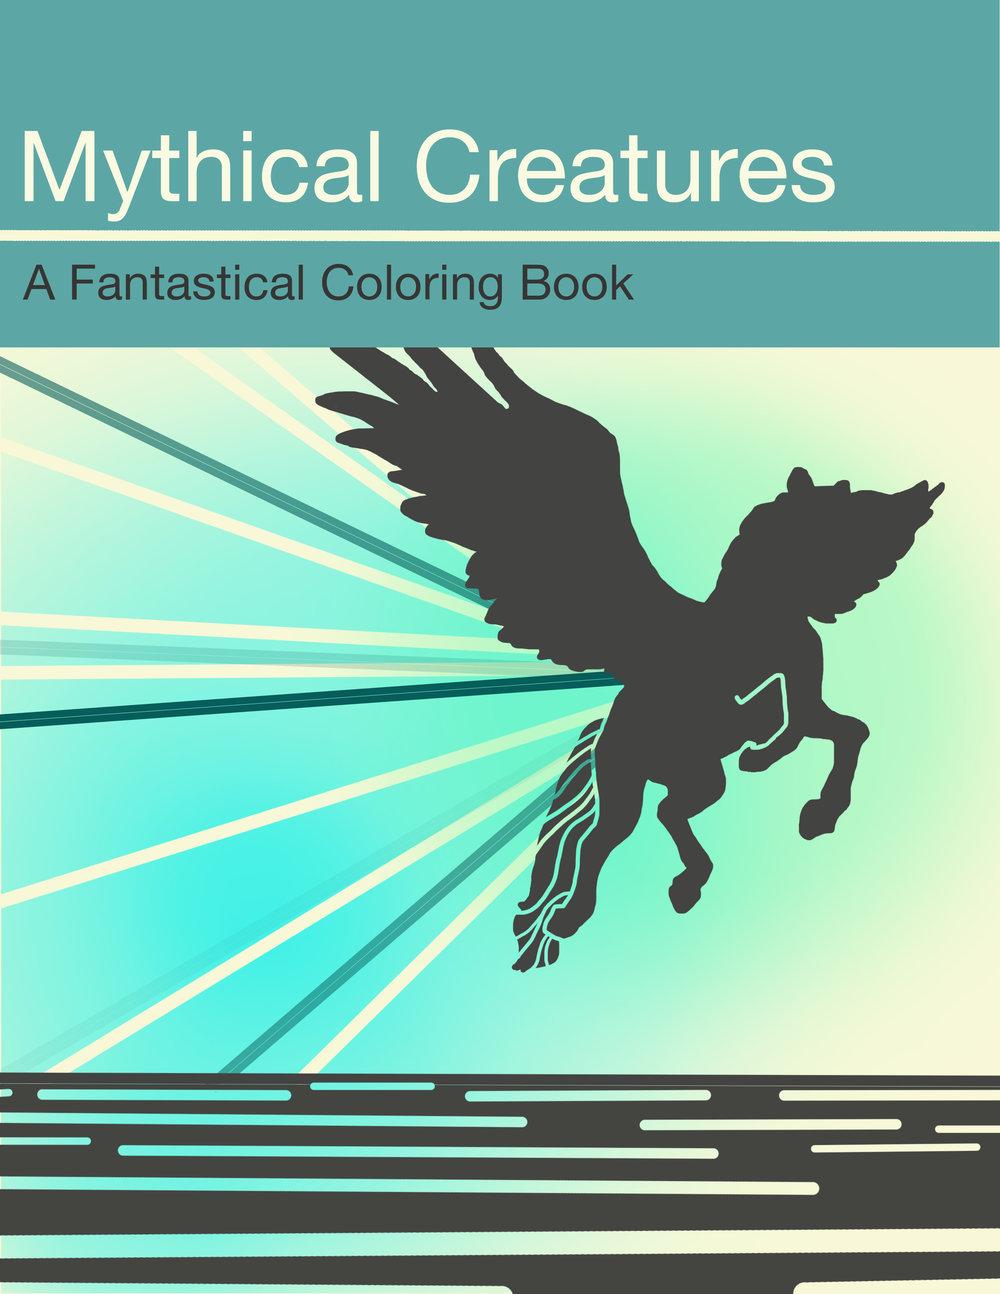 mythical creatures.jpg